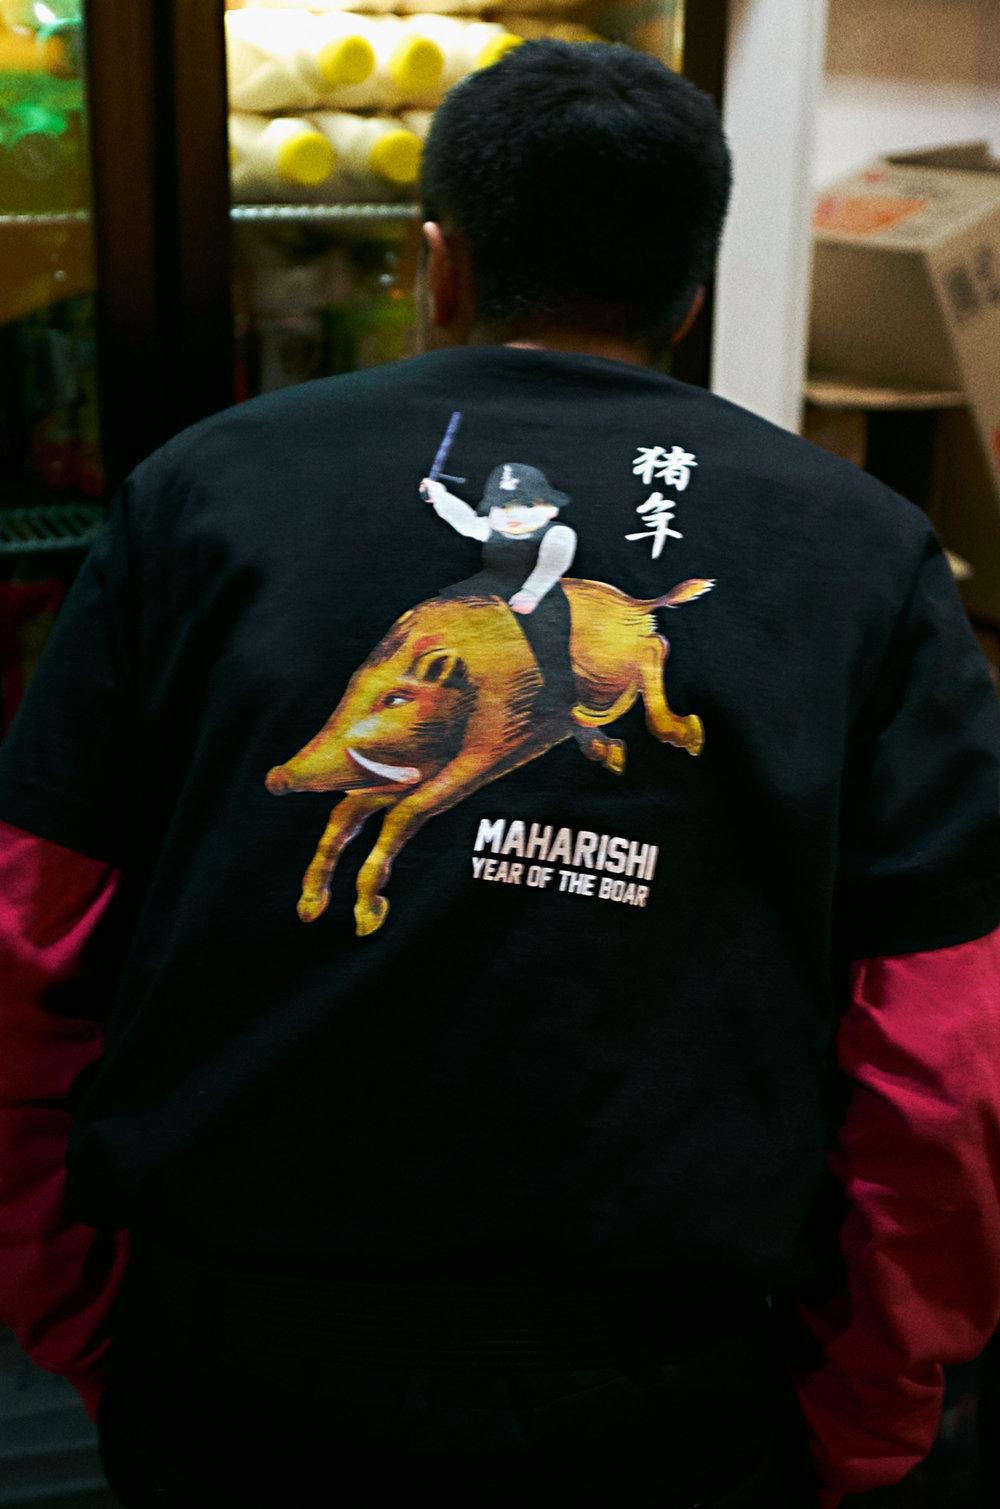 1-maharishi-YOTB-04.jpg